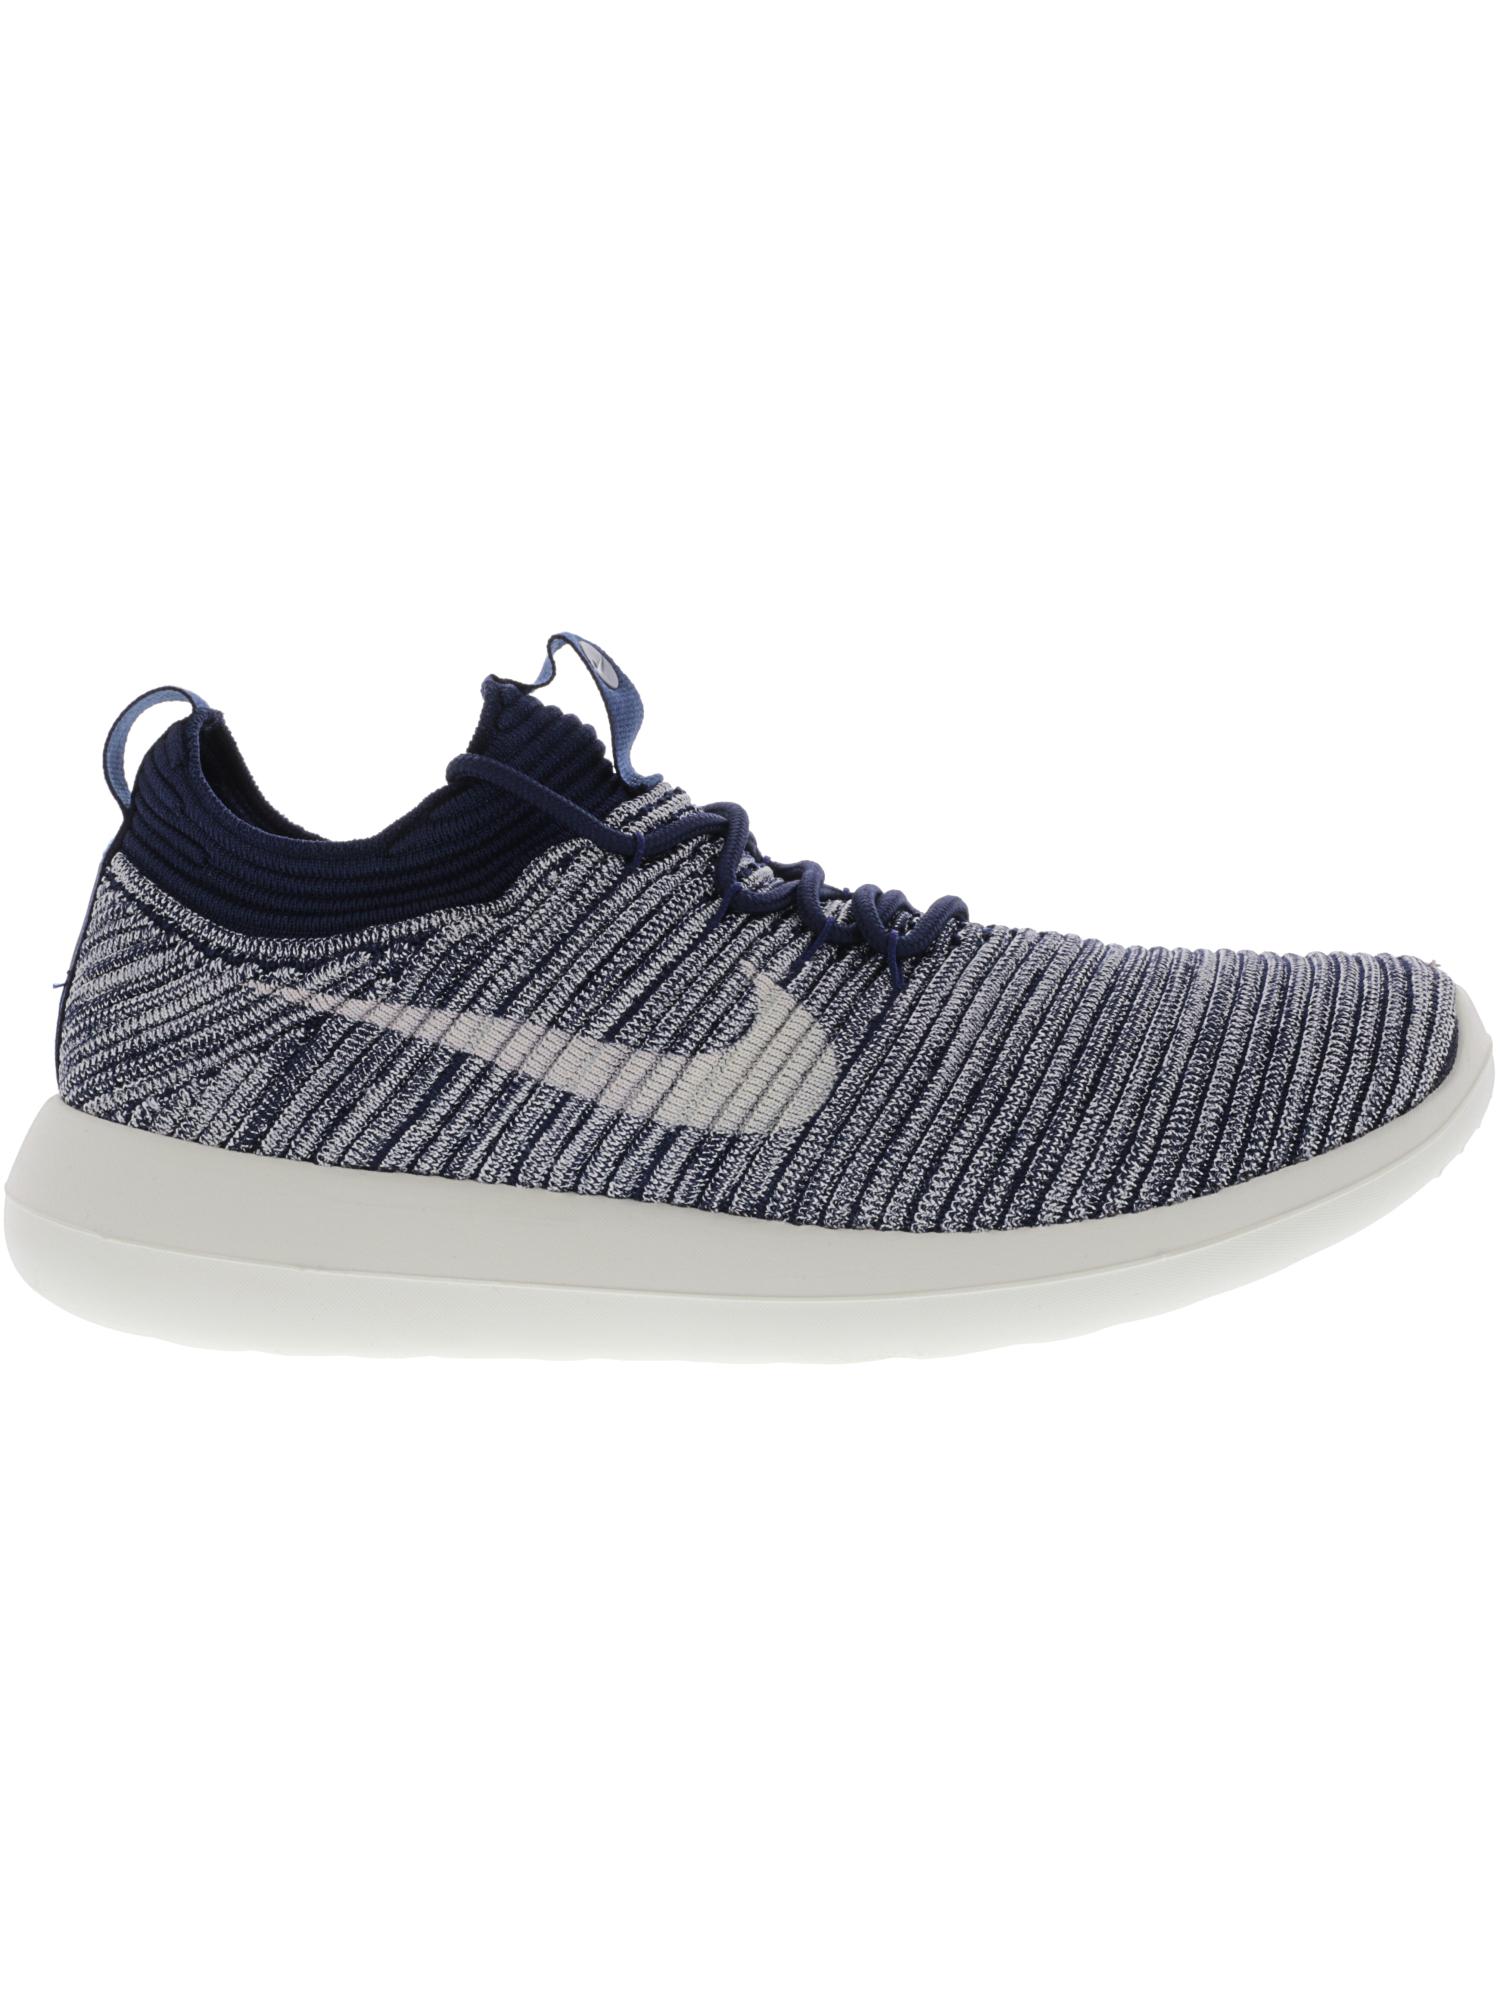 Nike femmes Flyknit Roshe Two Flyknit femmes V2 Ankle-High Running Chaussure 622391